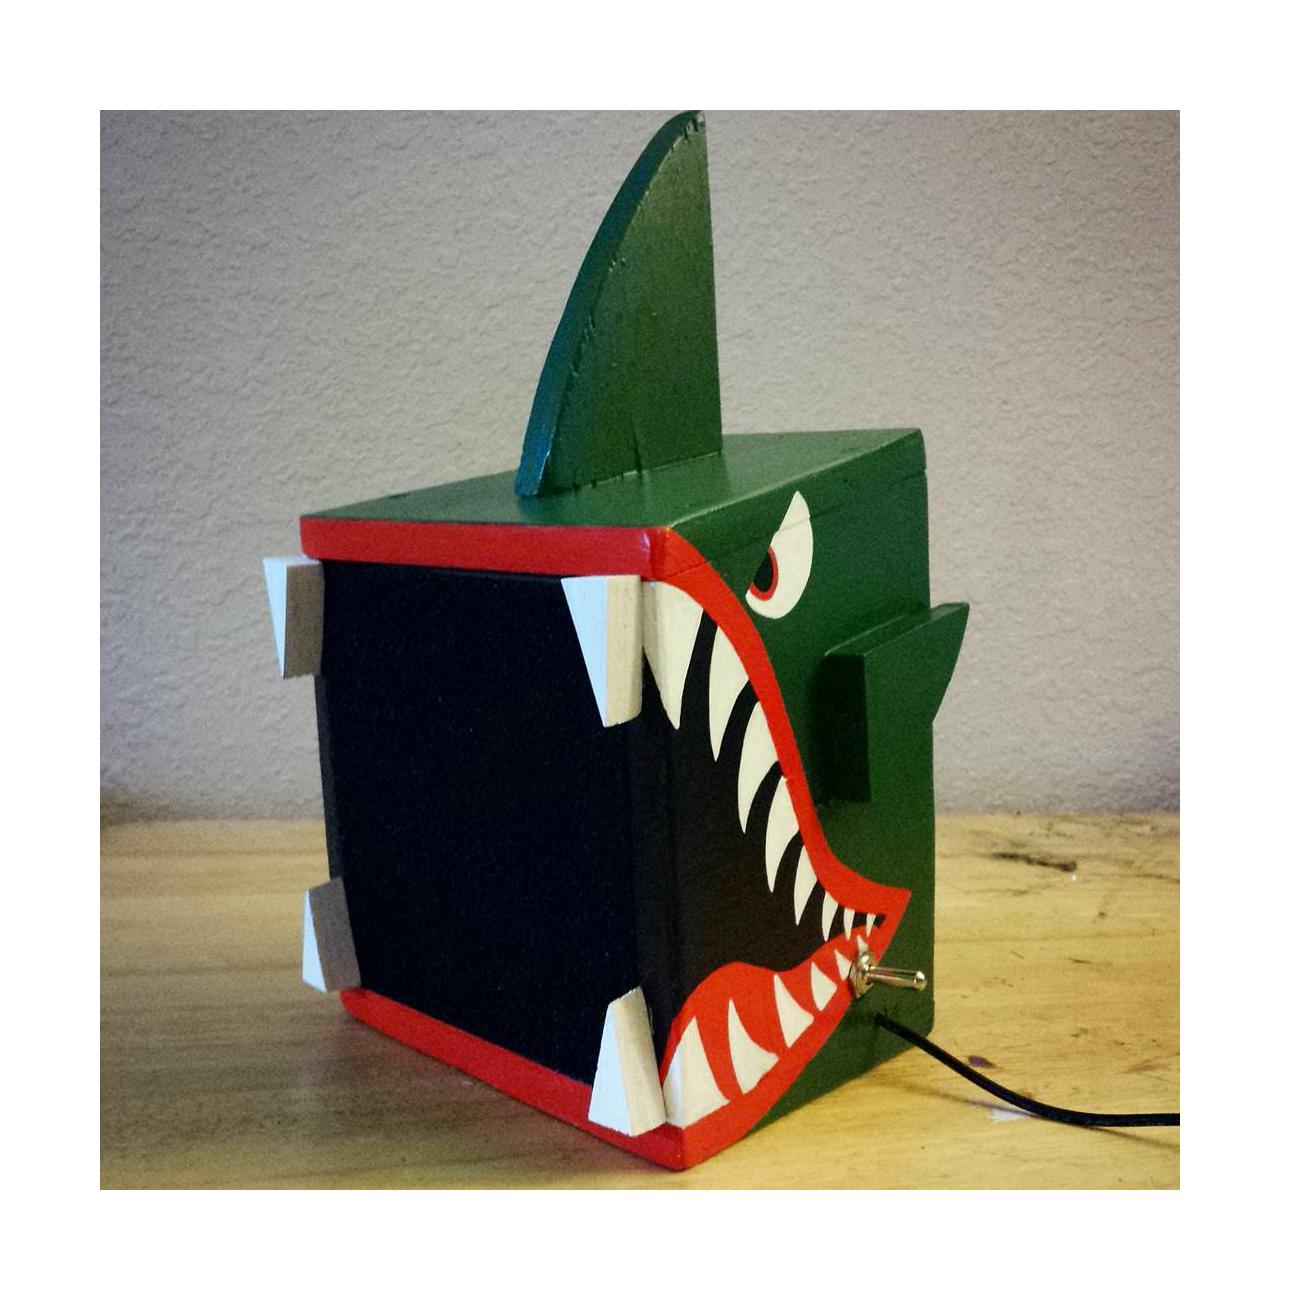 Picture of Shark Fan (Solder Smoke Filter)